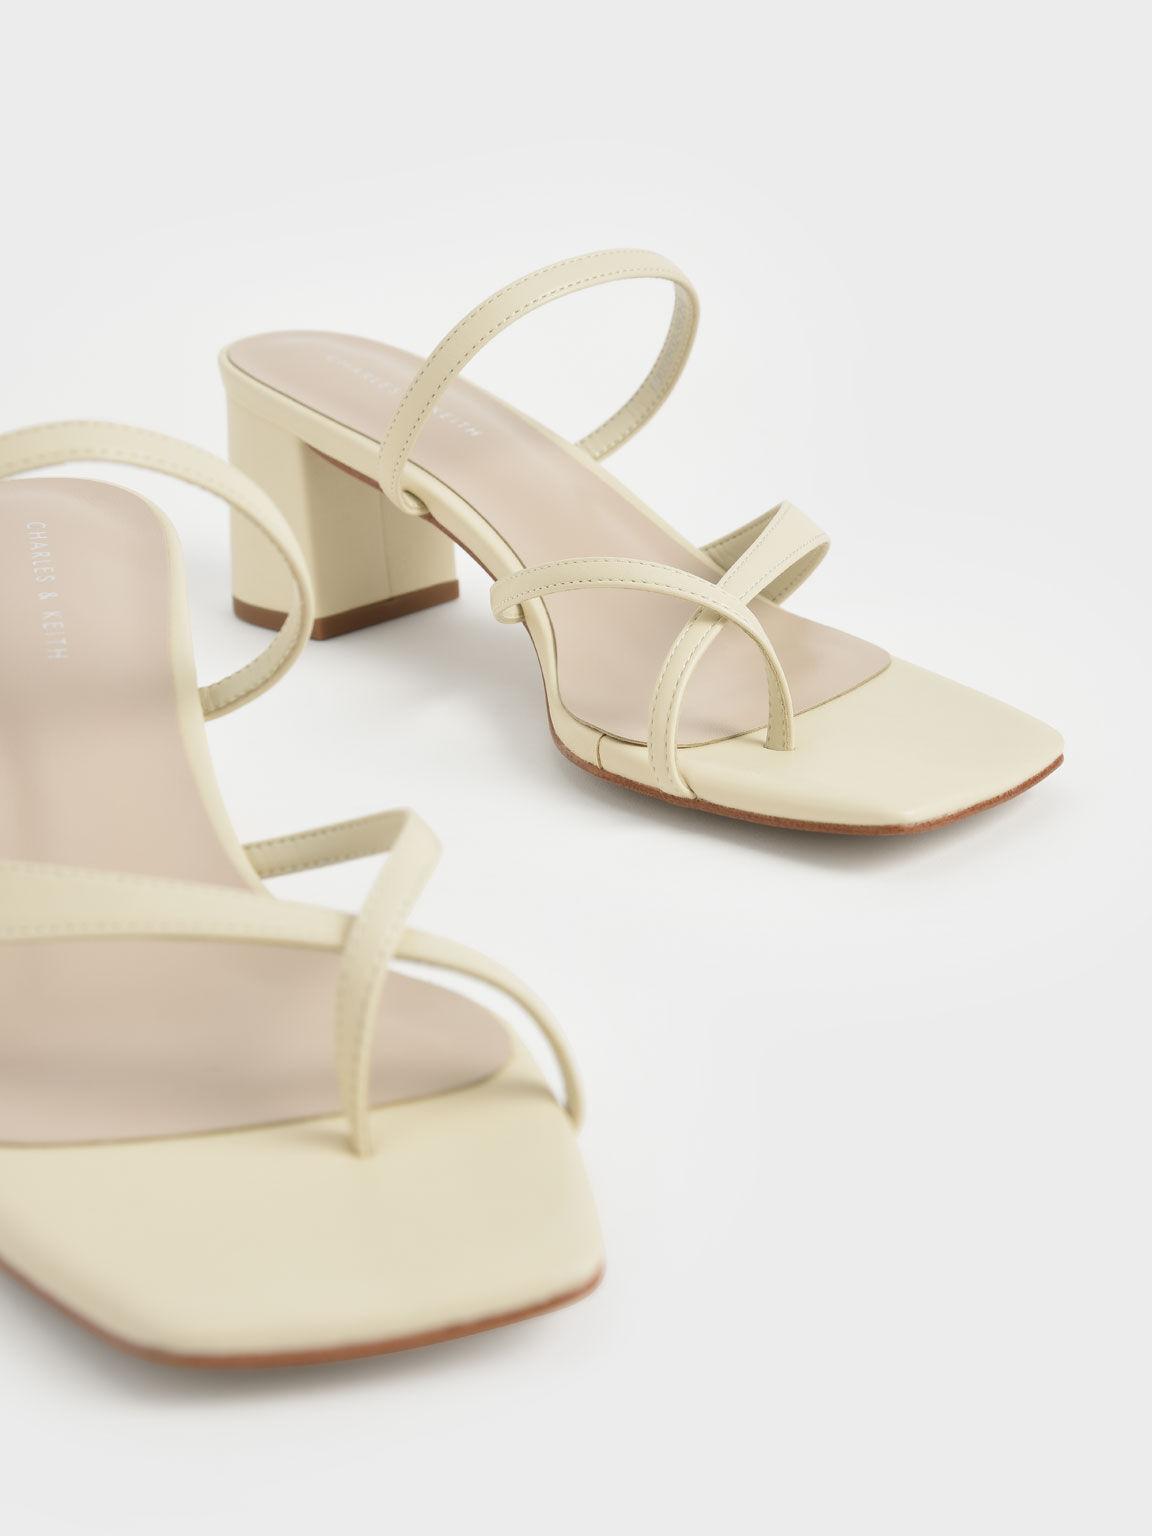 交叉帶夾腳涼鞋, 石灰白, hi-res